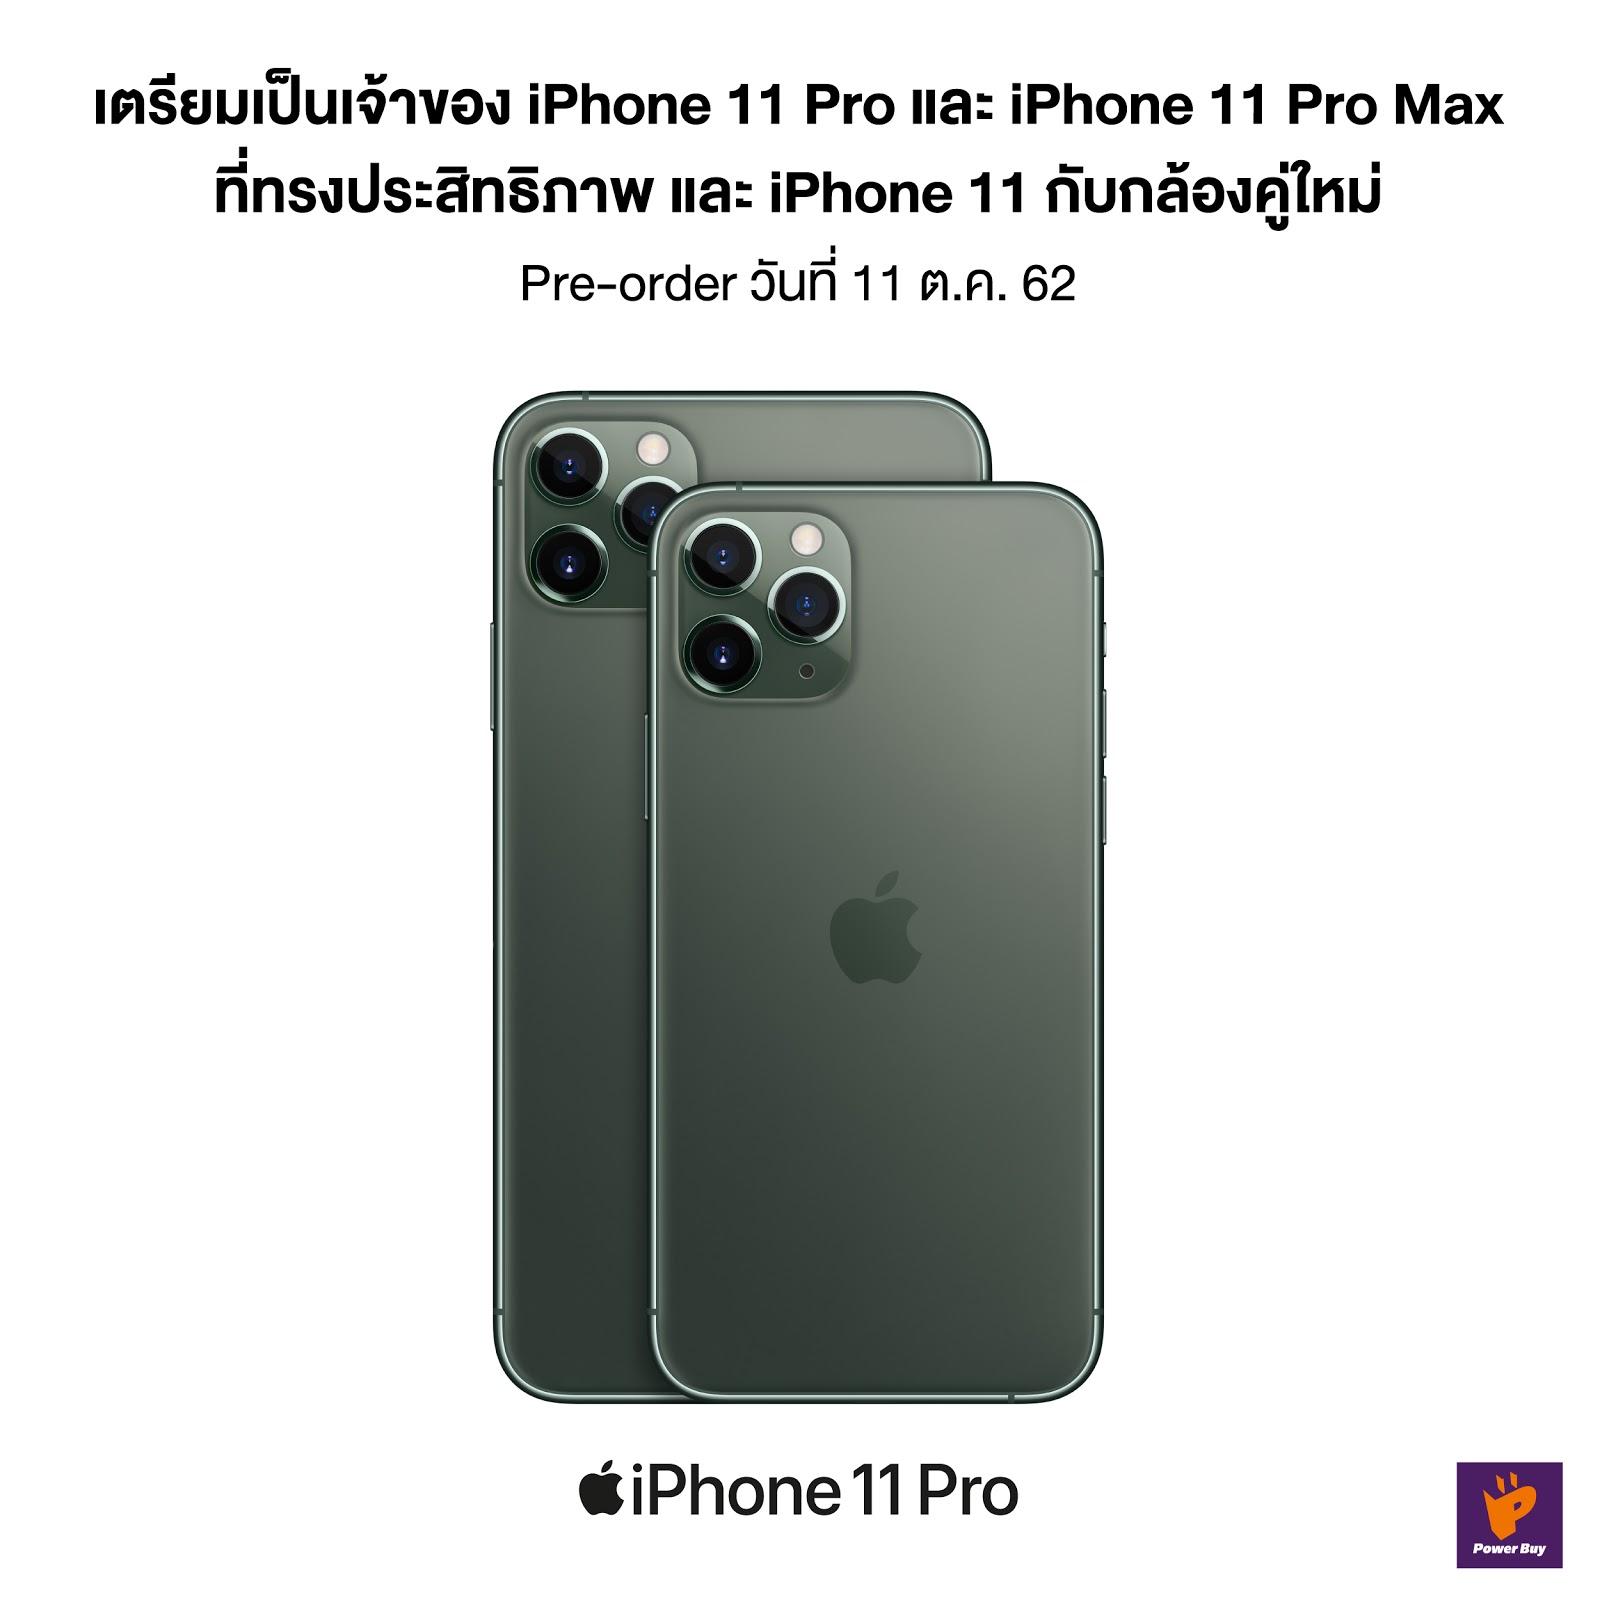 เริ่มแล้ว! Powerbuy เปิดพรีออเดอร์ iPhone 11 วันที่ 11 นี้!           ยกระดับความพร้อมด้วยบริการและโปรสุดคุ้มจัดเต็มกว่าทุกปี